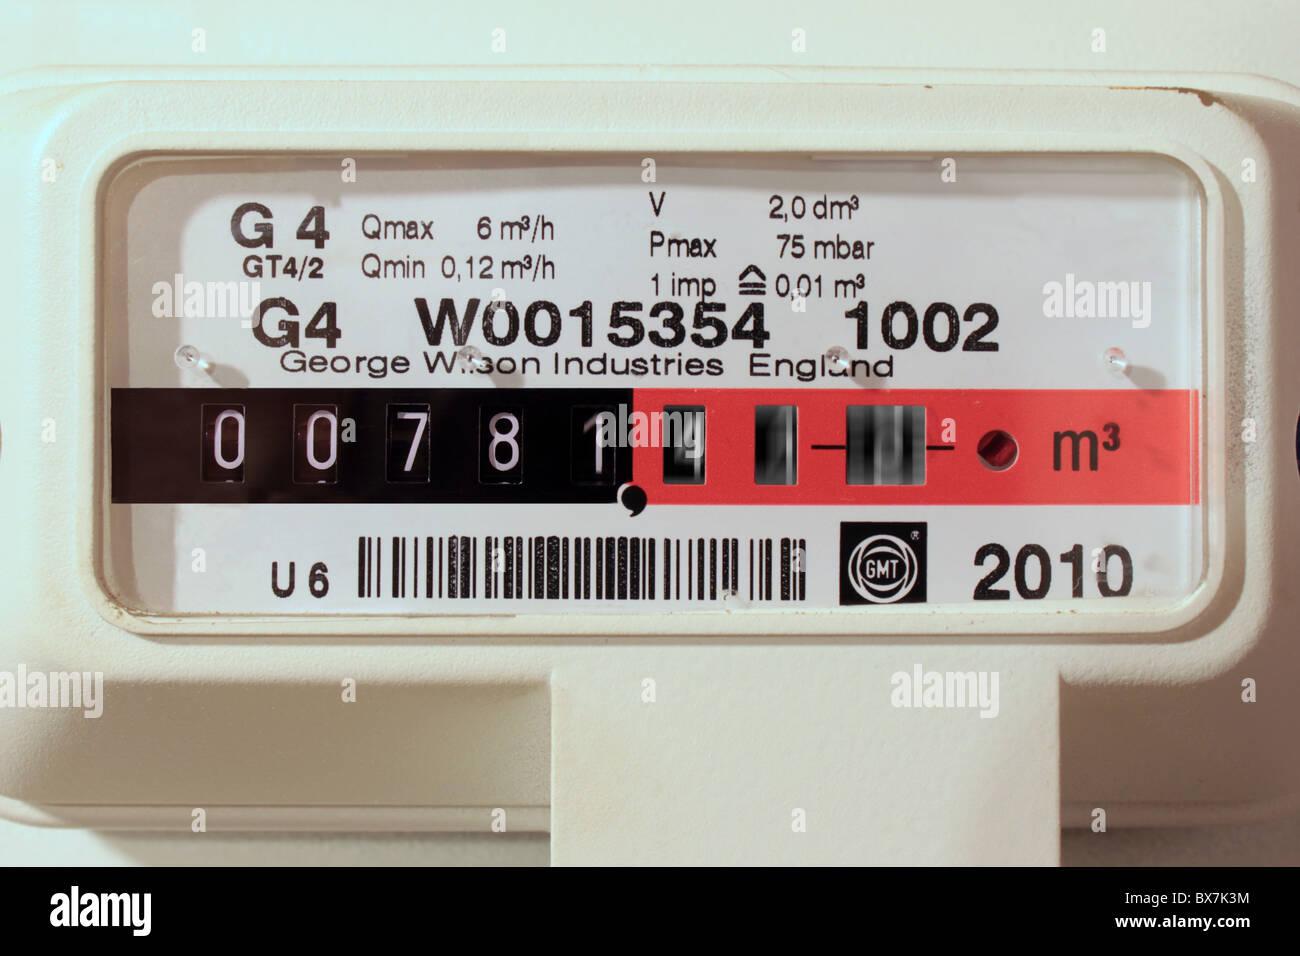 Medidor de gas con motion blur en dígitos que implican un alto consumo Imagen De Stock